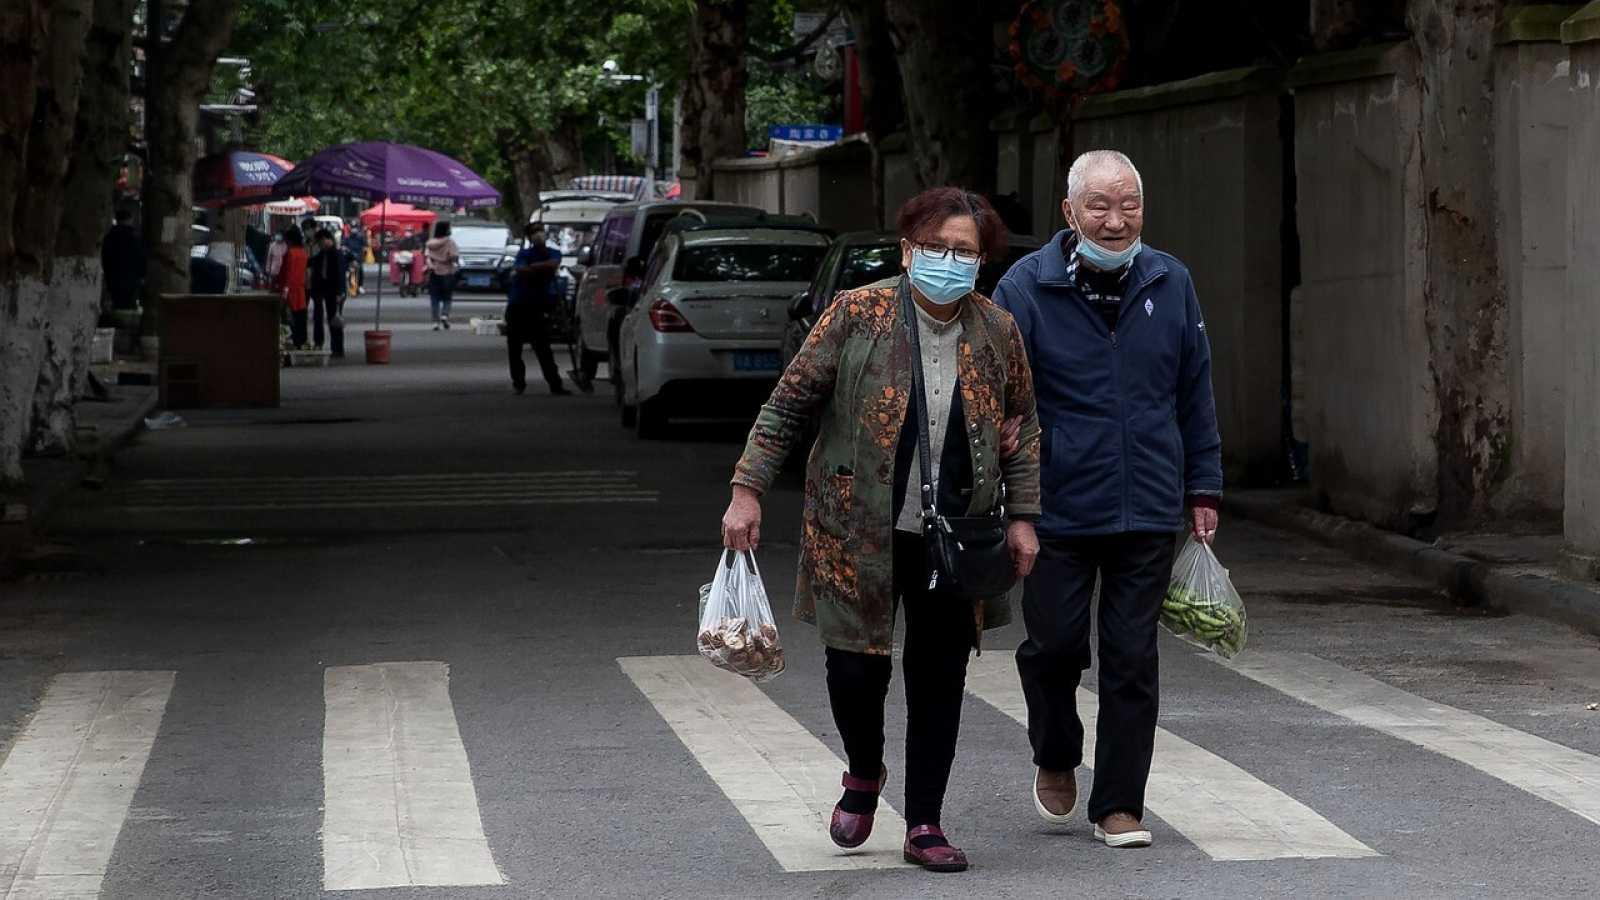 Dos personas cargan con las compras en Wuhan, China